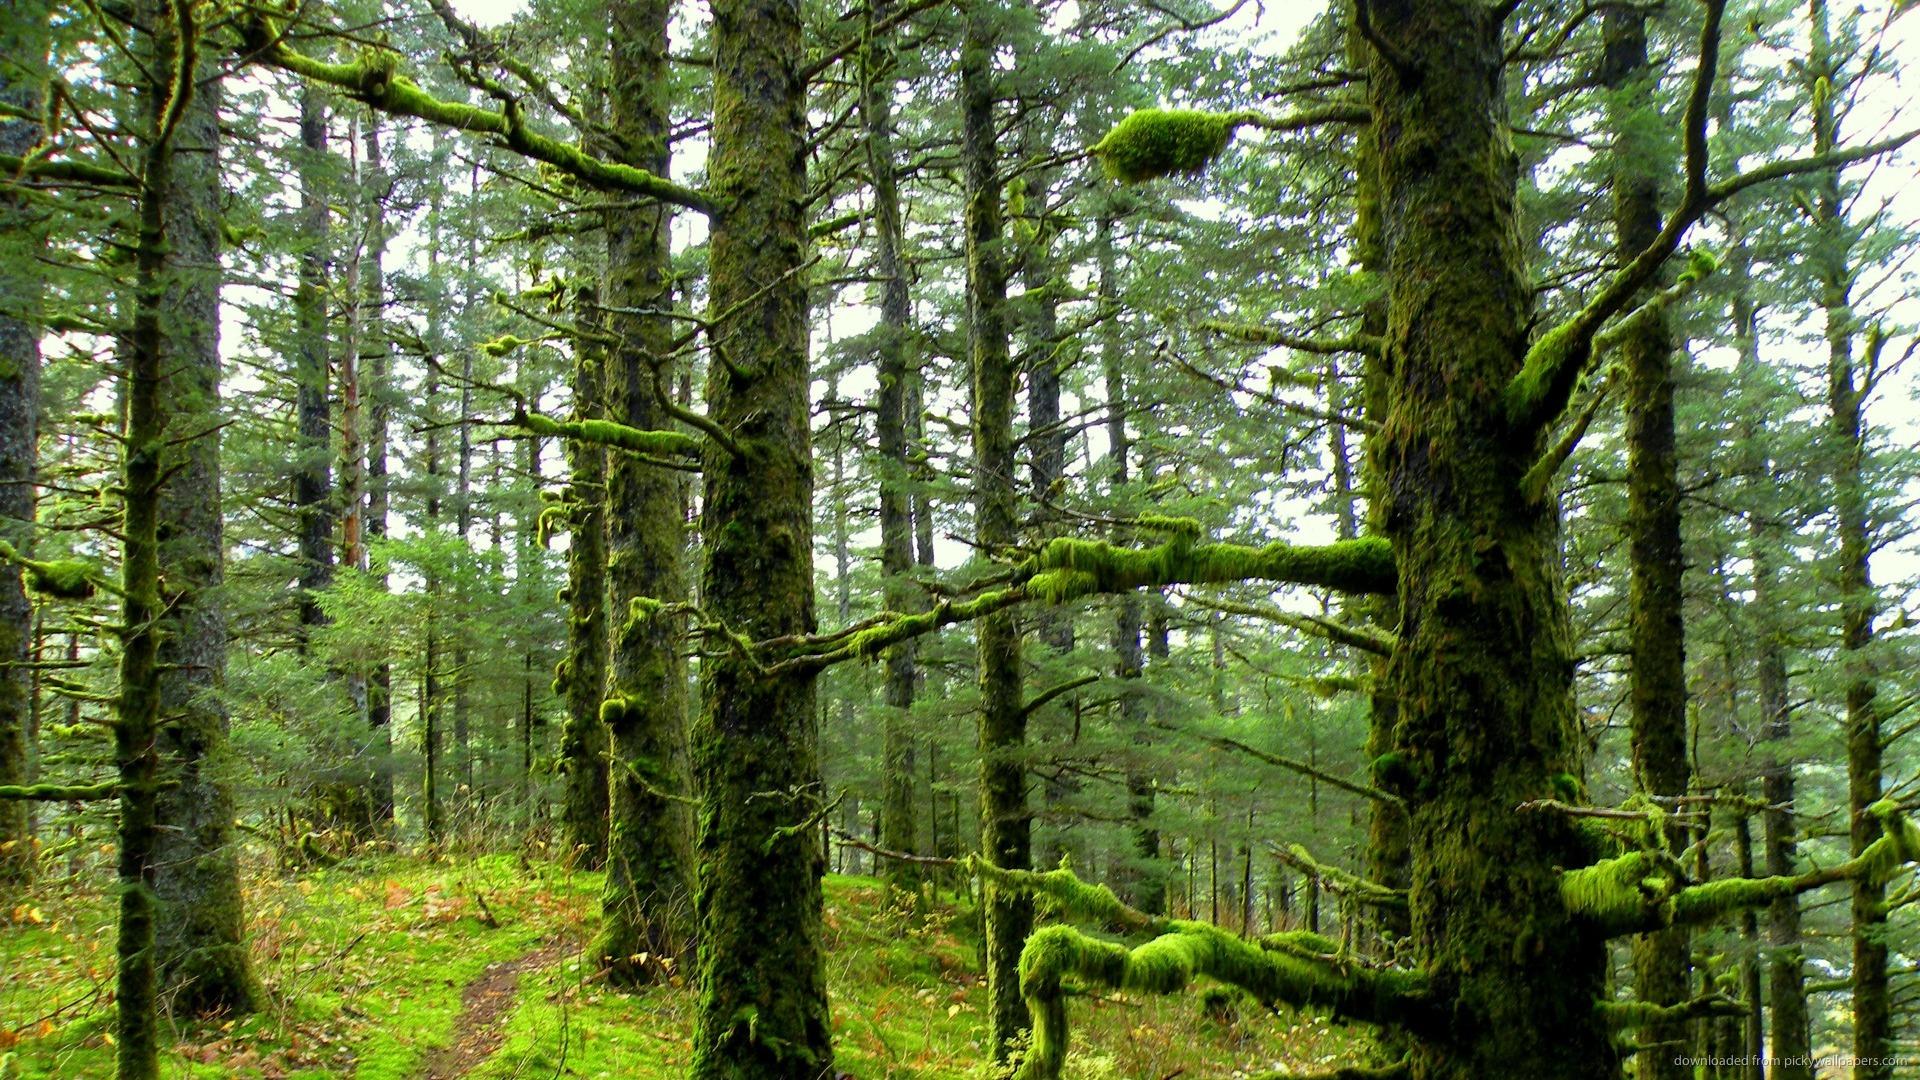 лес, стволы деревьев, покрытые мохом, скачать фото